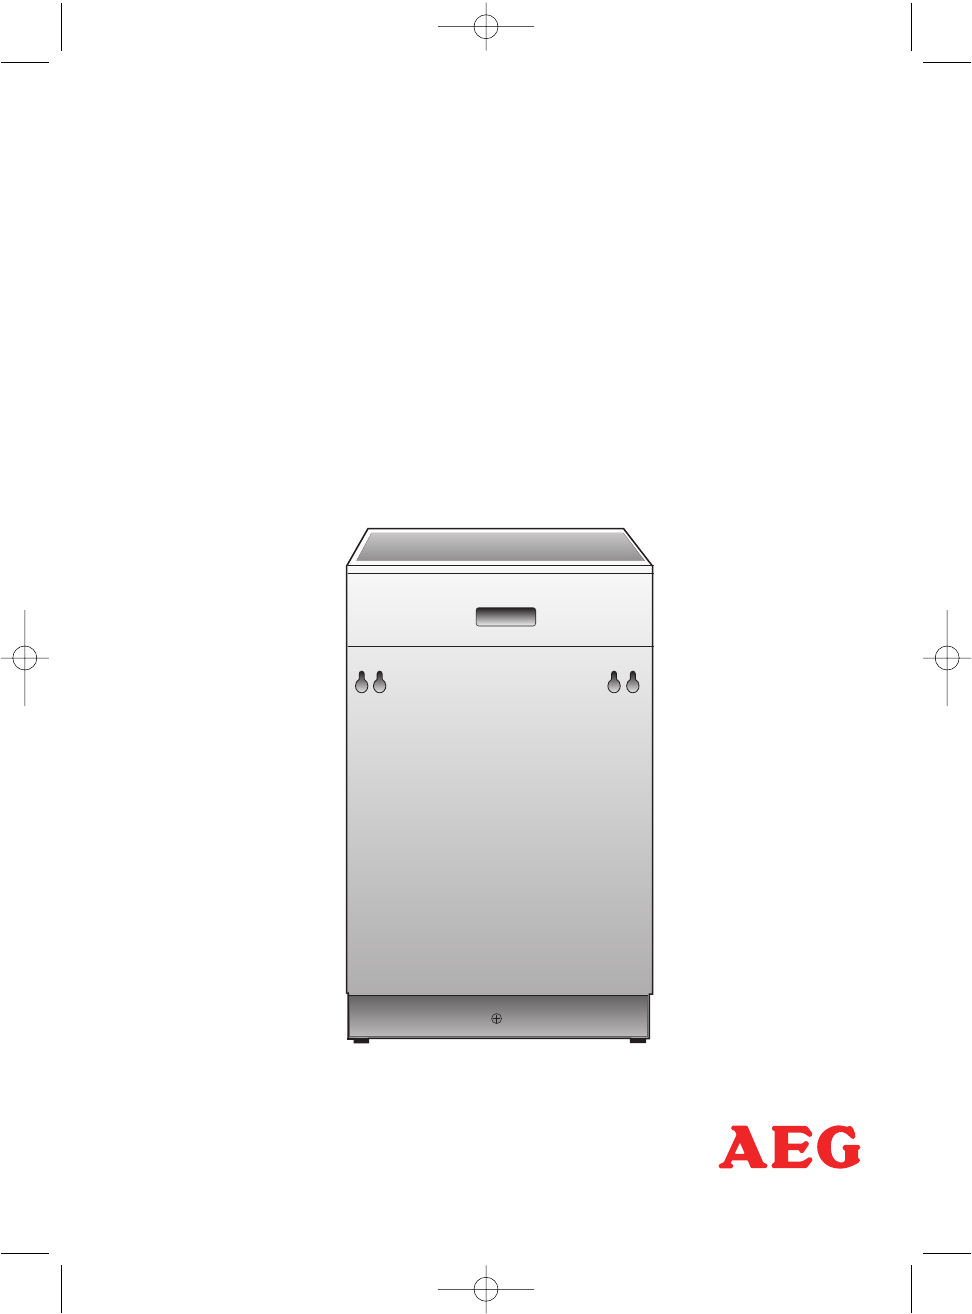 aeg dishwasher 84470 vi user guide. Black Bedroom Furniture Sets. Home Design Ideas